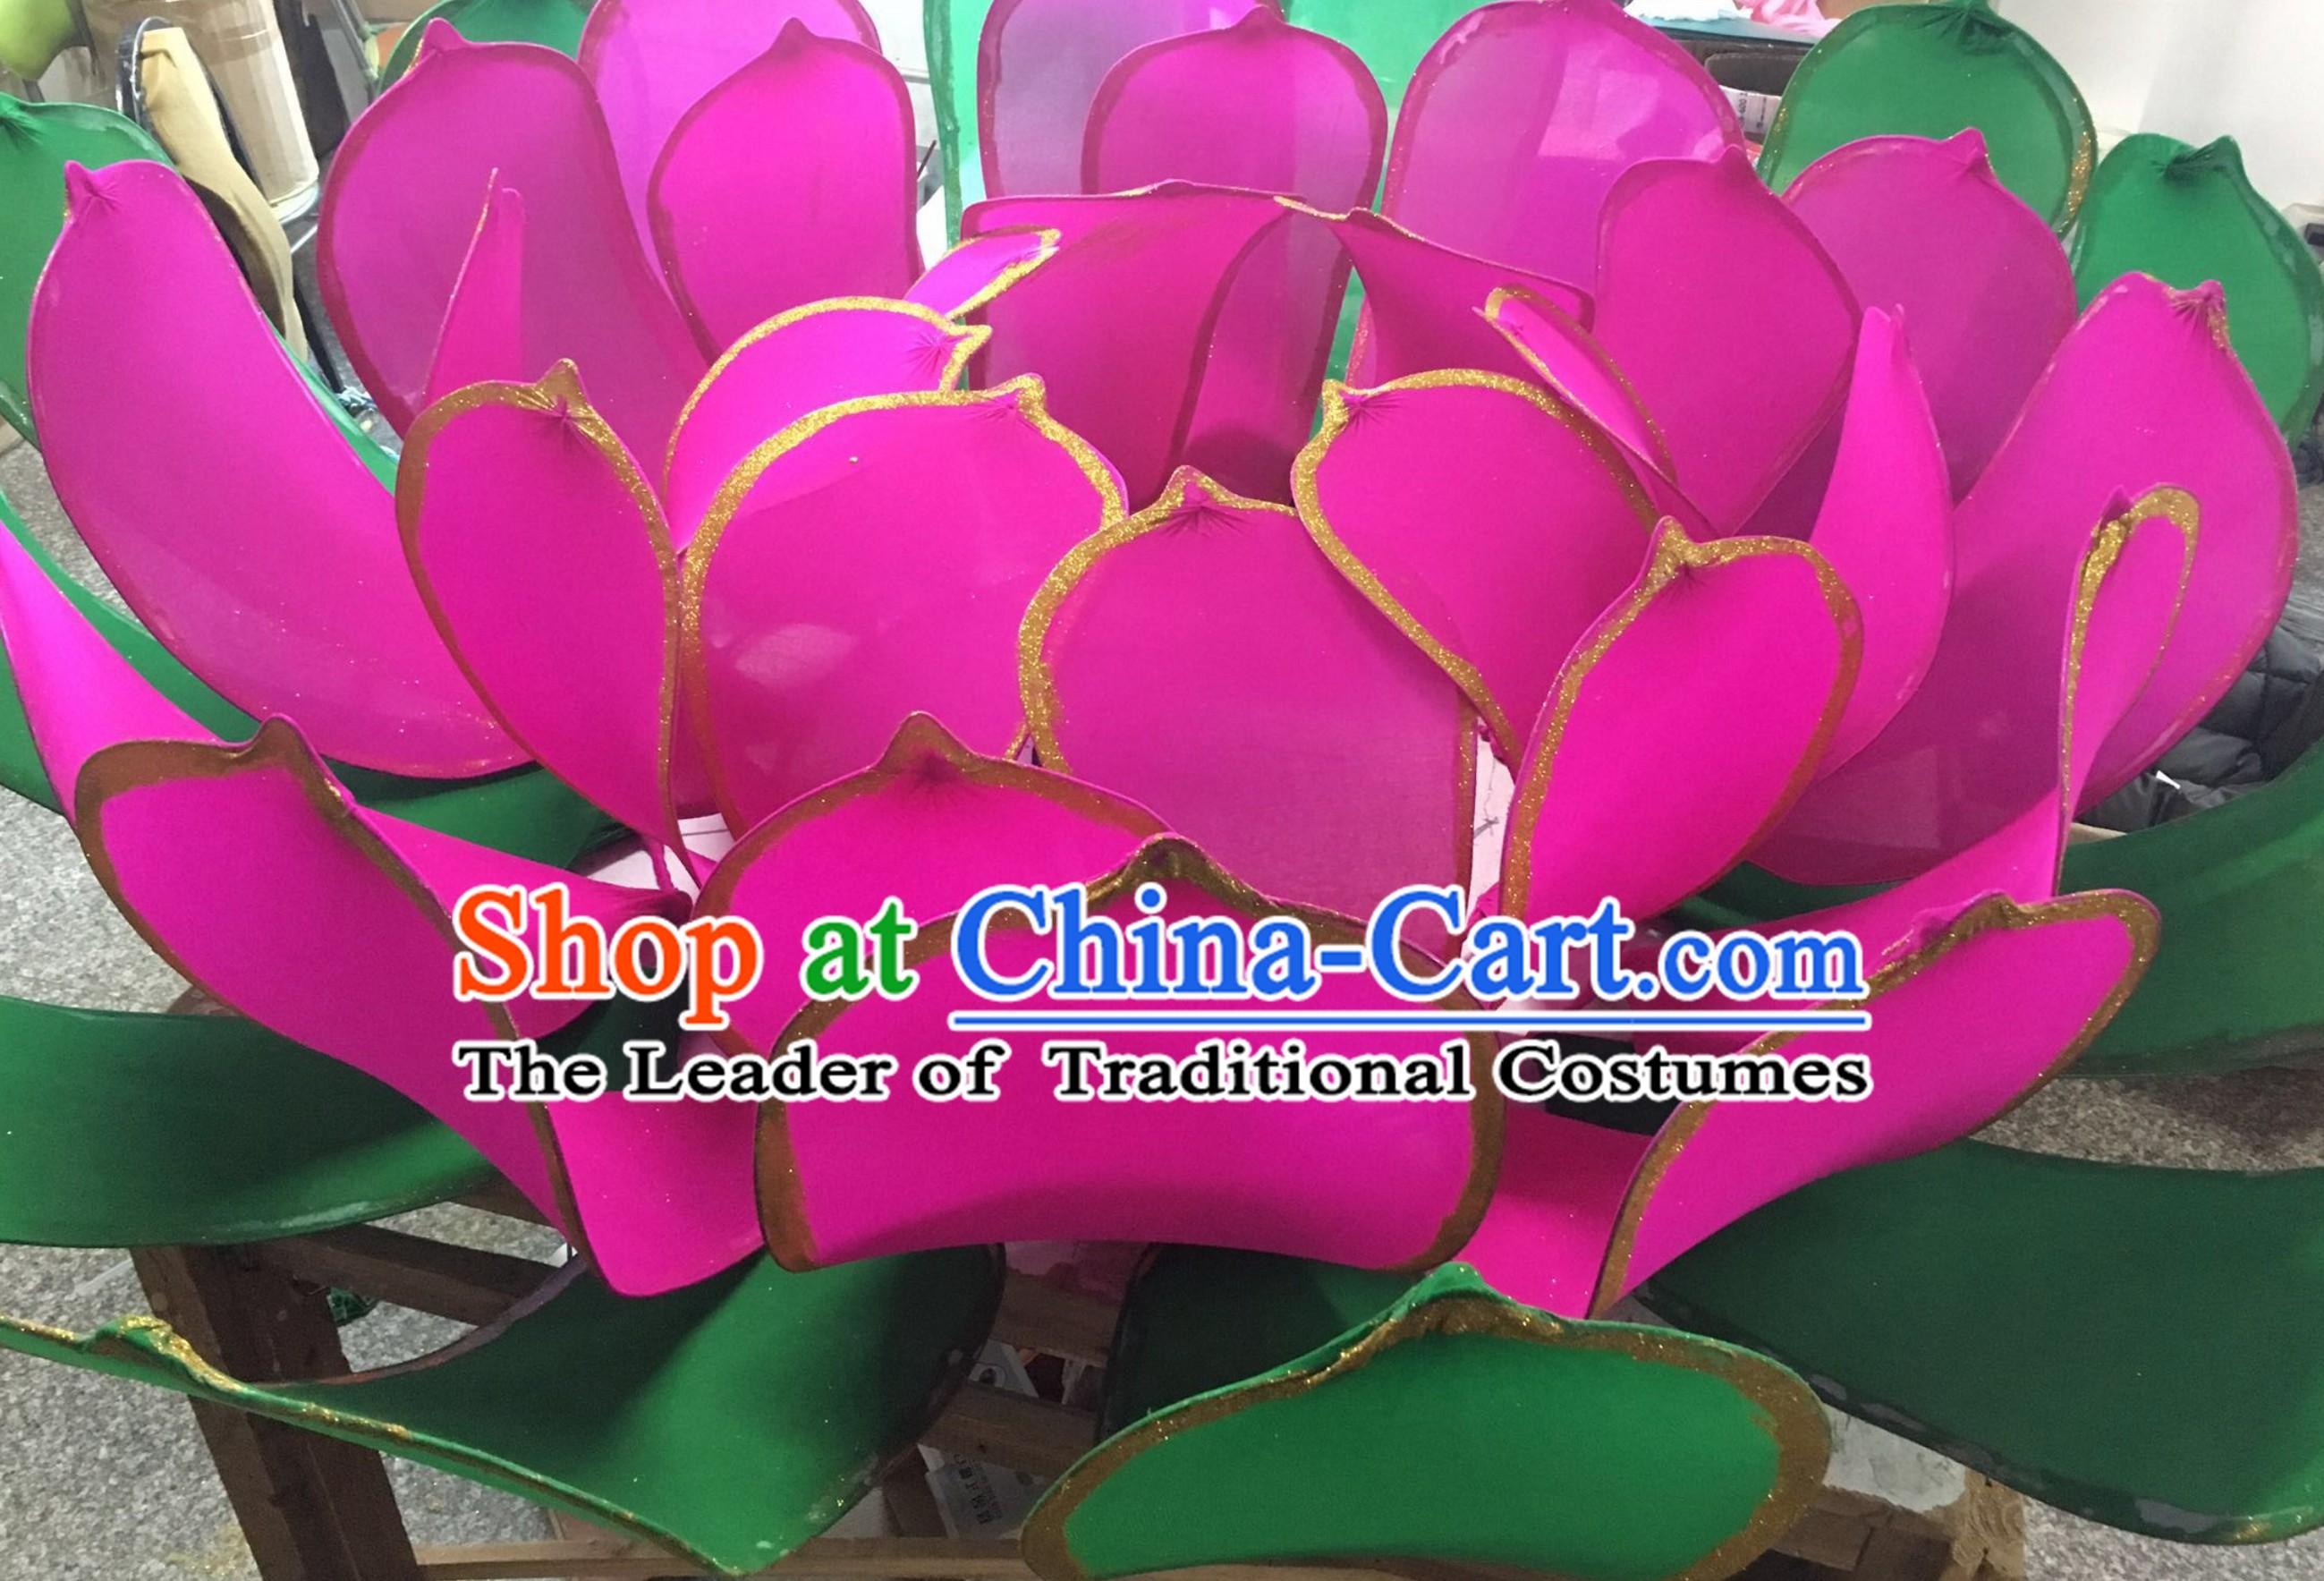 Handmade Stage Pond Giant 3 Meters Lotus Flower Props Arts